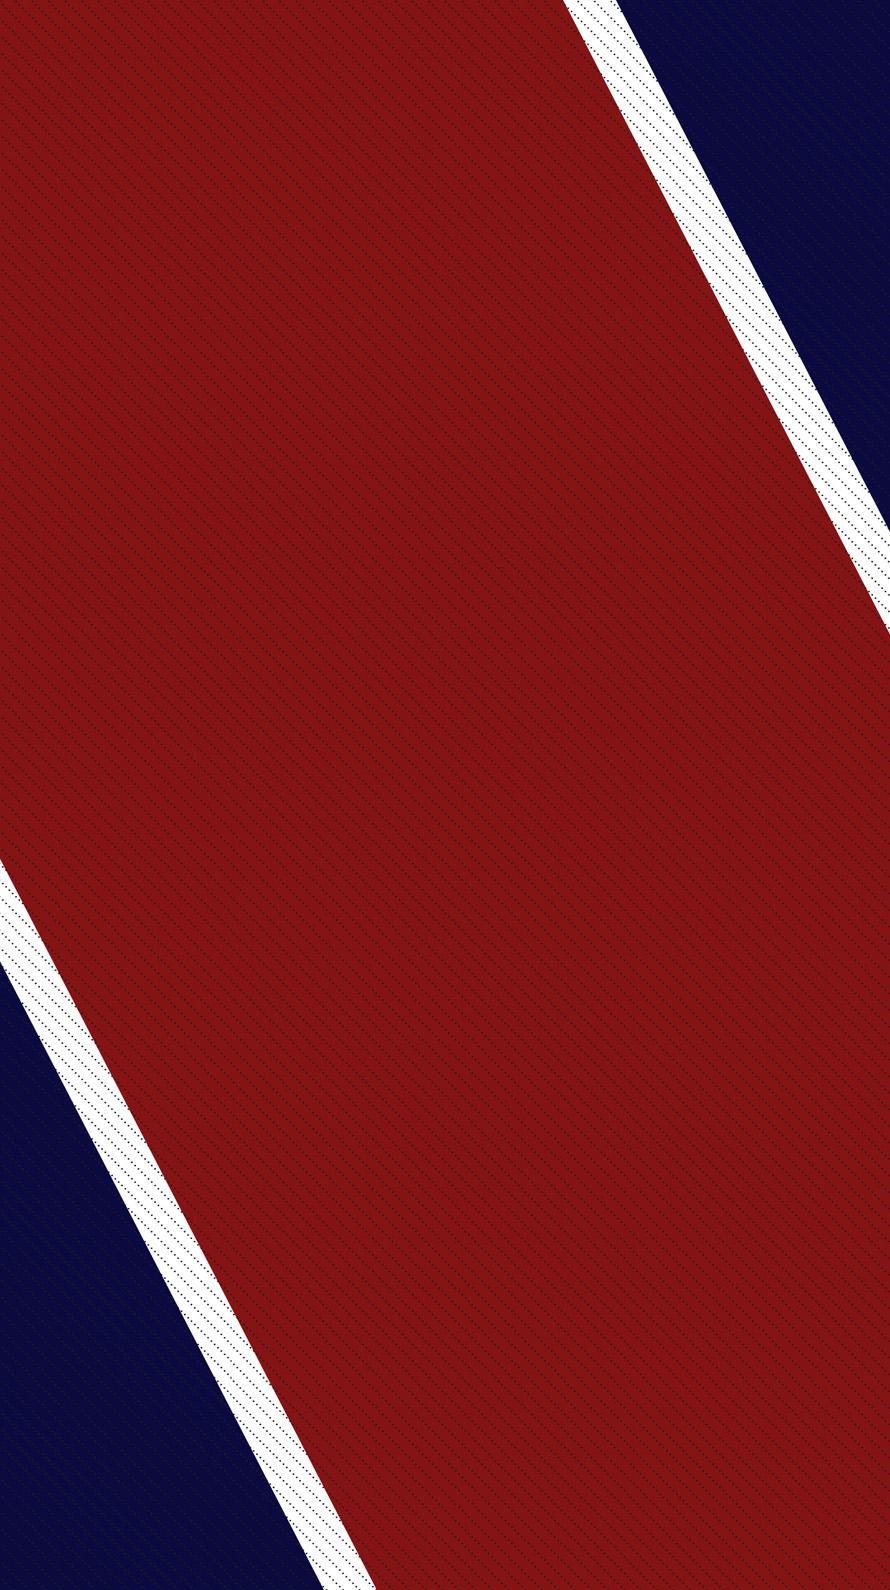 青 赤 白 Iphone6壁紙 Wallpaperbox